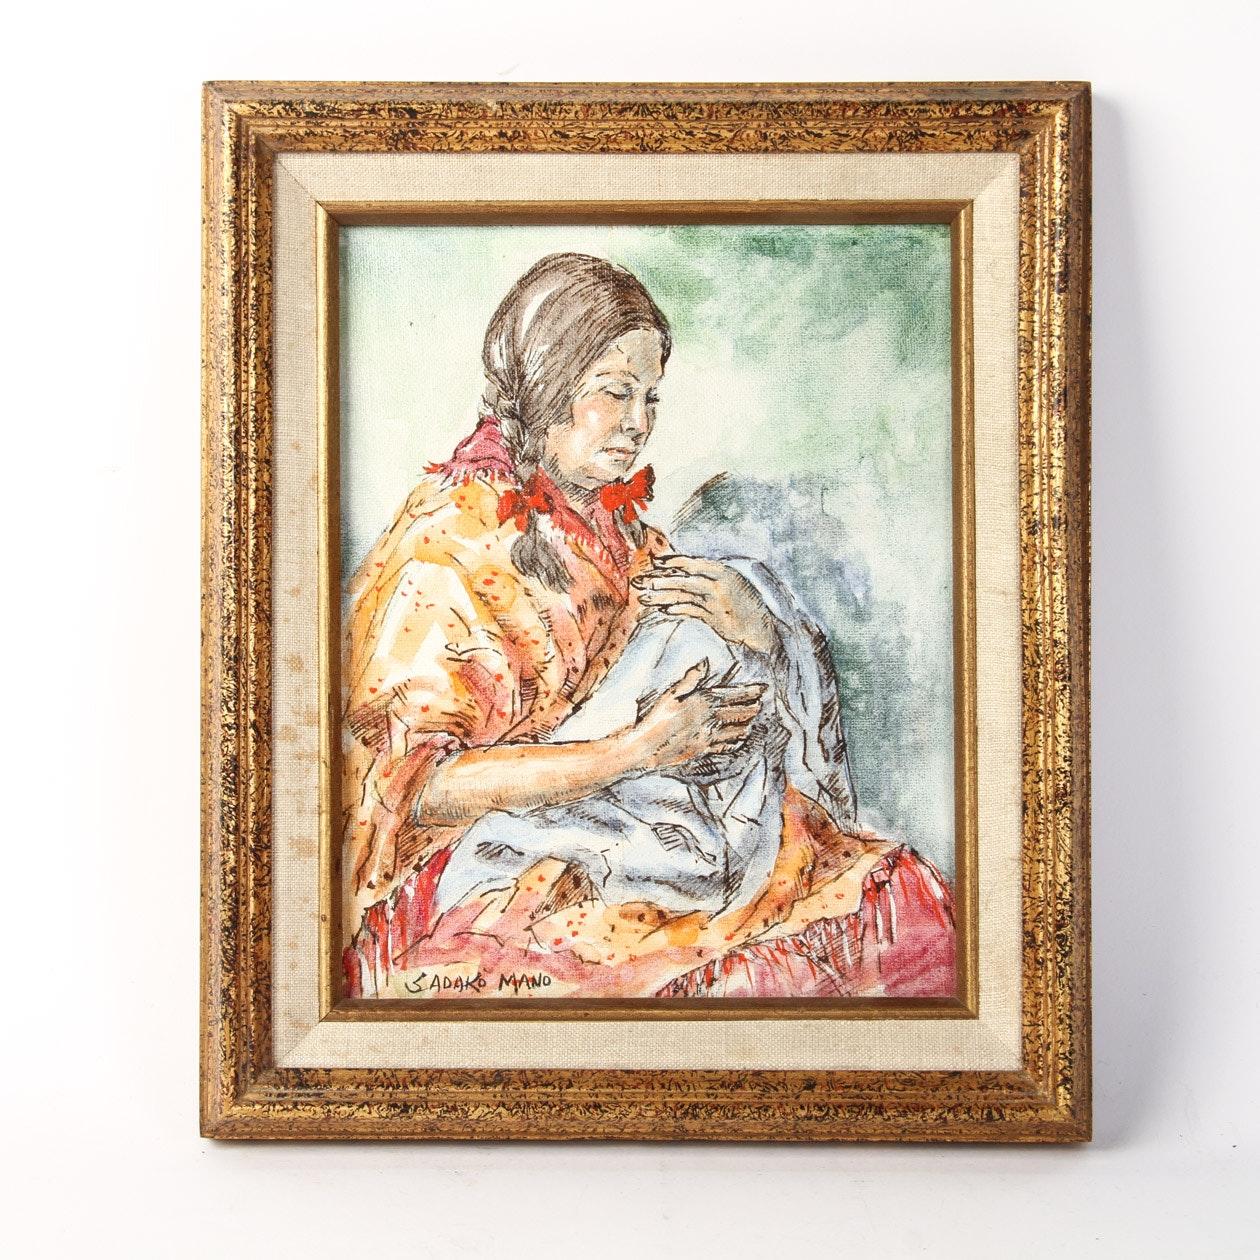 Mixed Media on Canvas Signed Art Piece by Sadako Mano